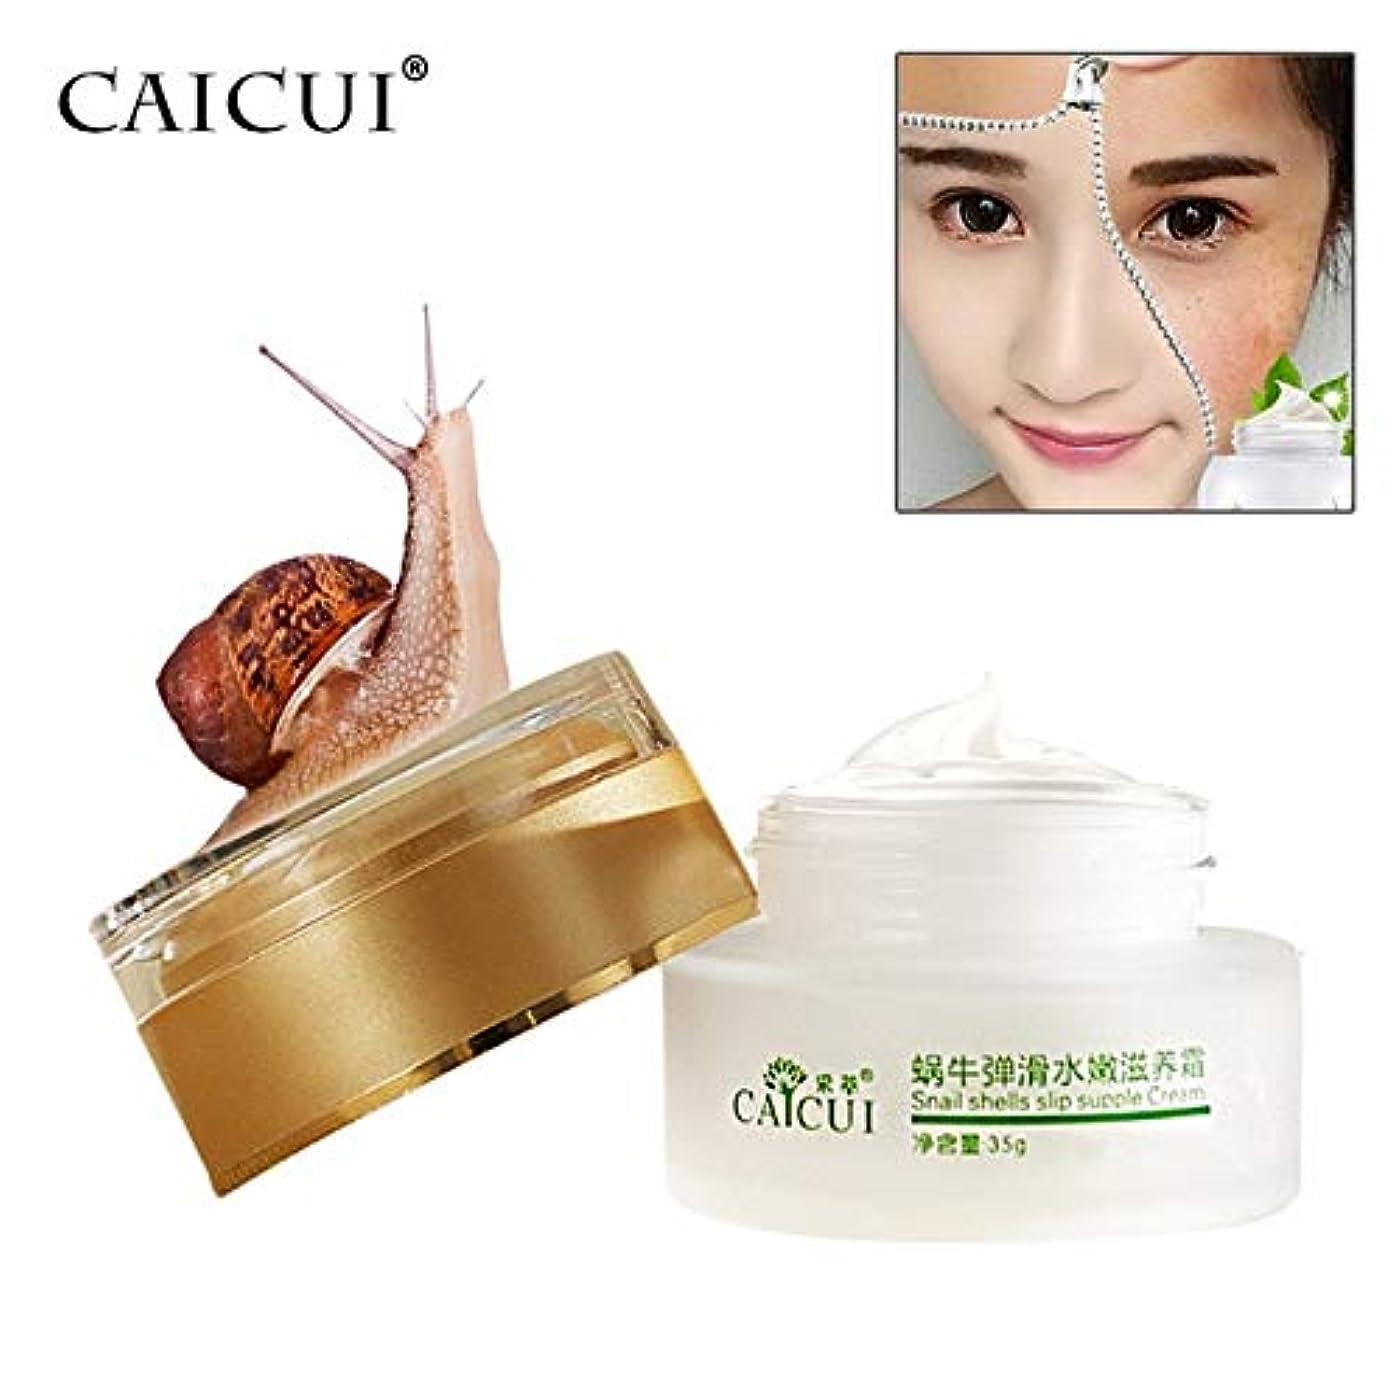 CAICUIカタツムリクリーム寧保湿アンチリンクルデイクリーム&モイスチャライザークリーム顔のカタツムリフェイスケア